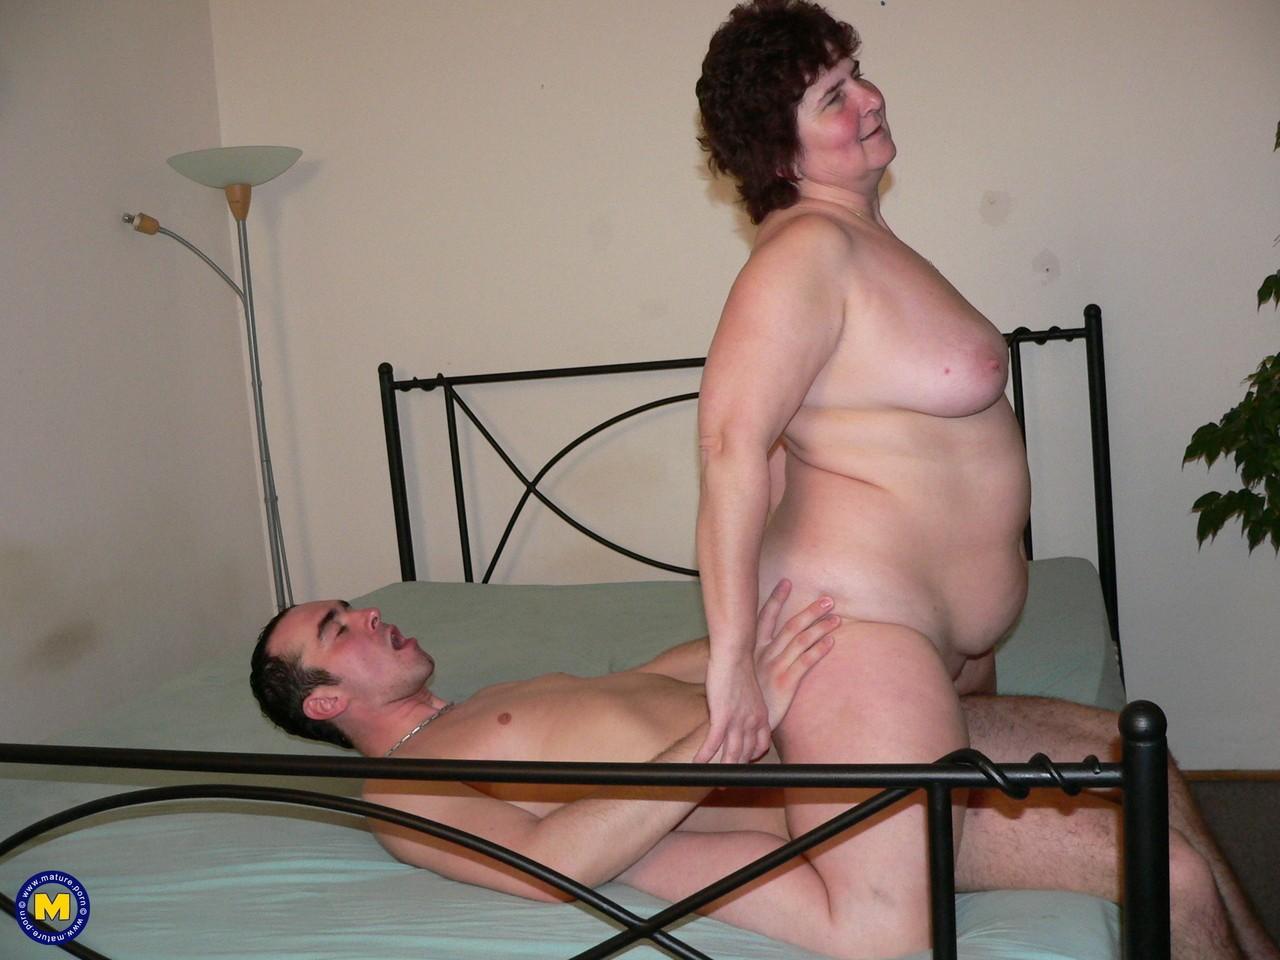 Фотки секса молодого с пассией бальзаковского возраста. Фото - 9